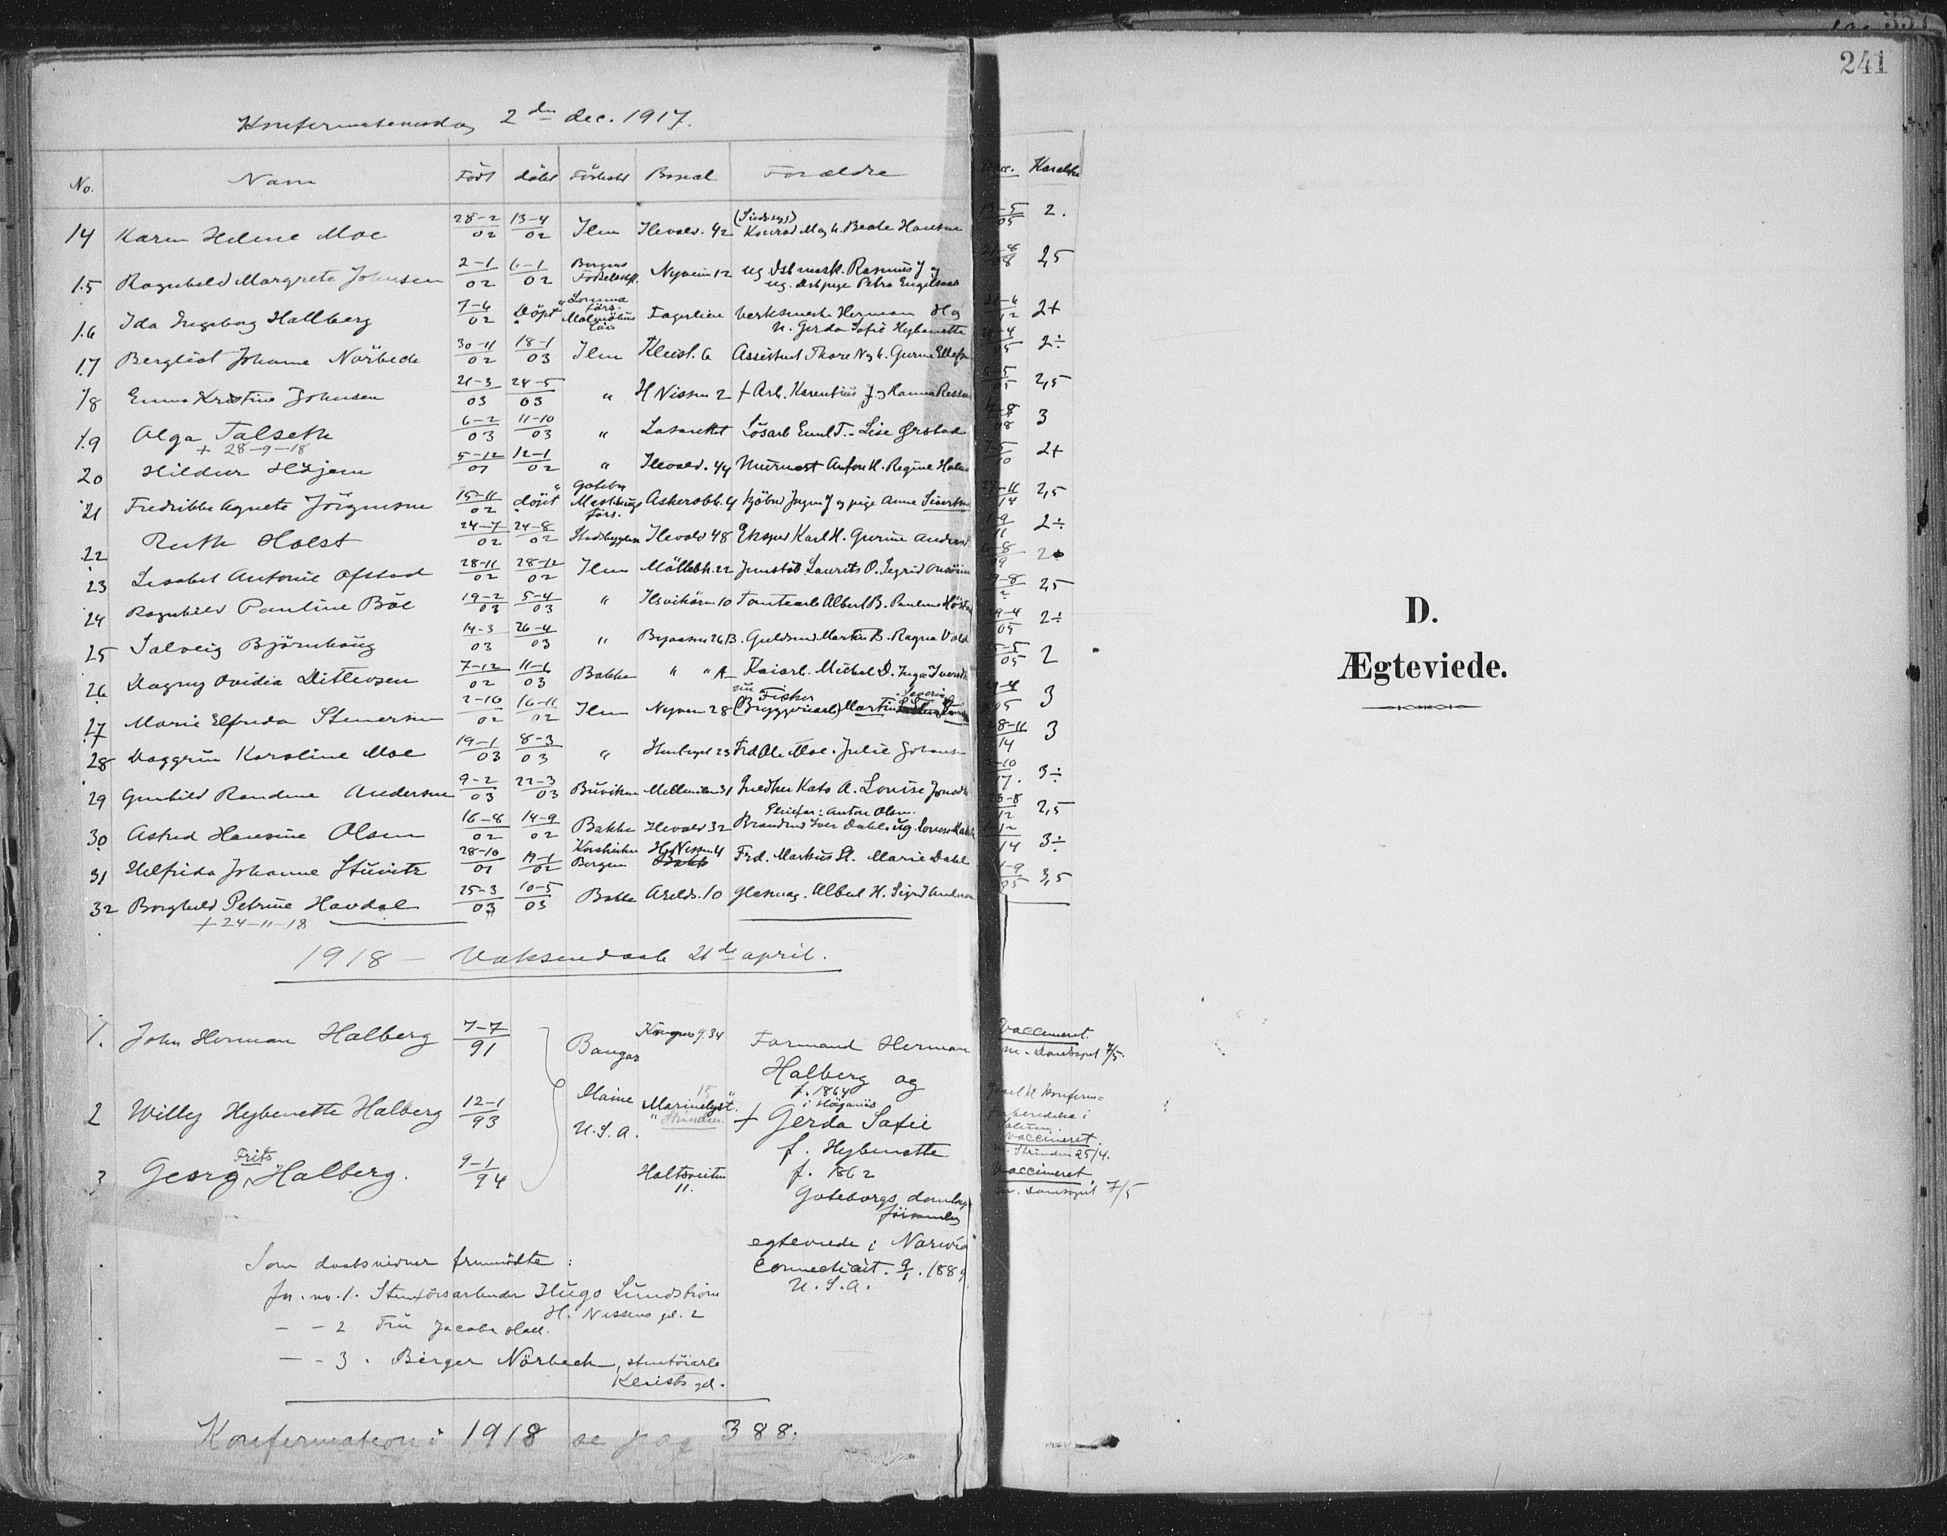 SAT, Ministerialprotokoller, klokkerbøker og fødselsregistre - Sør-Trøndelag, 603/L0167: Ministerialbok nr. 603A06, 1896-1932, s. 241